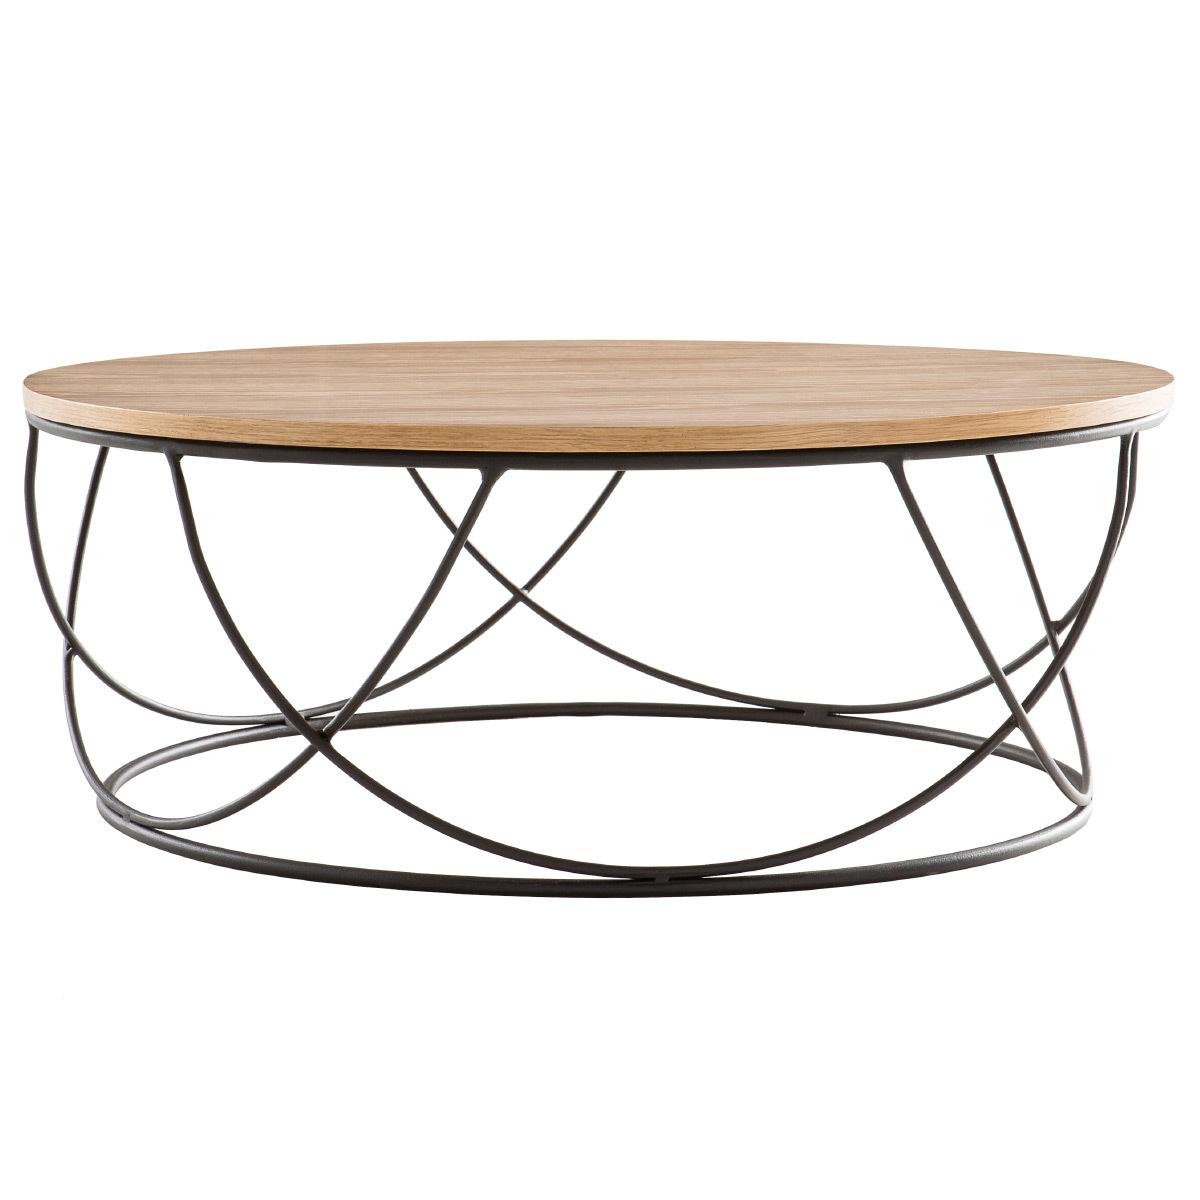 def5812656ed37 Table basse bois et métal